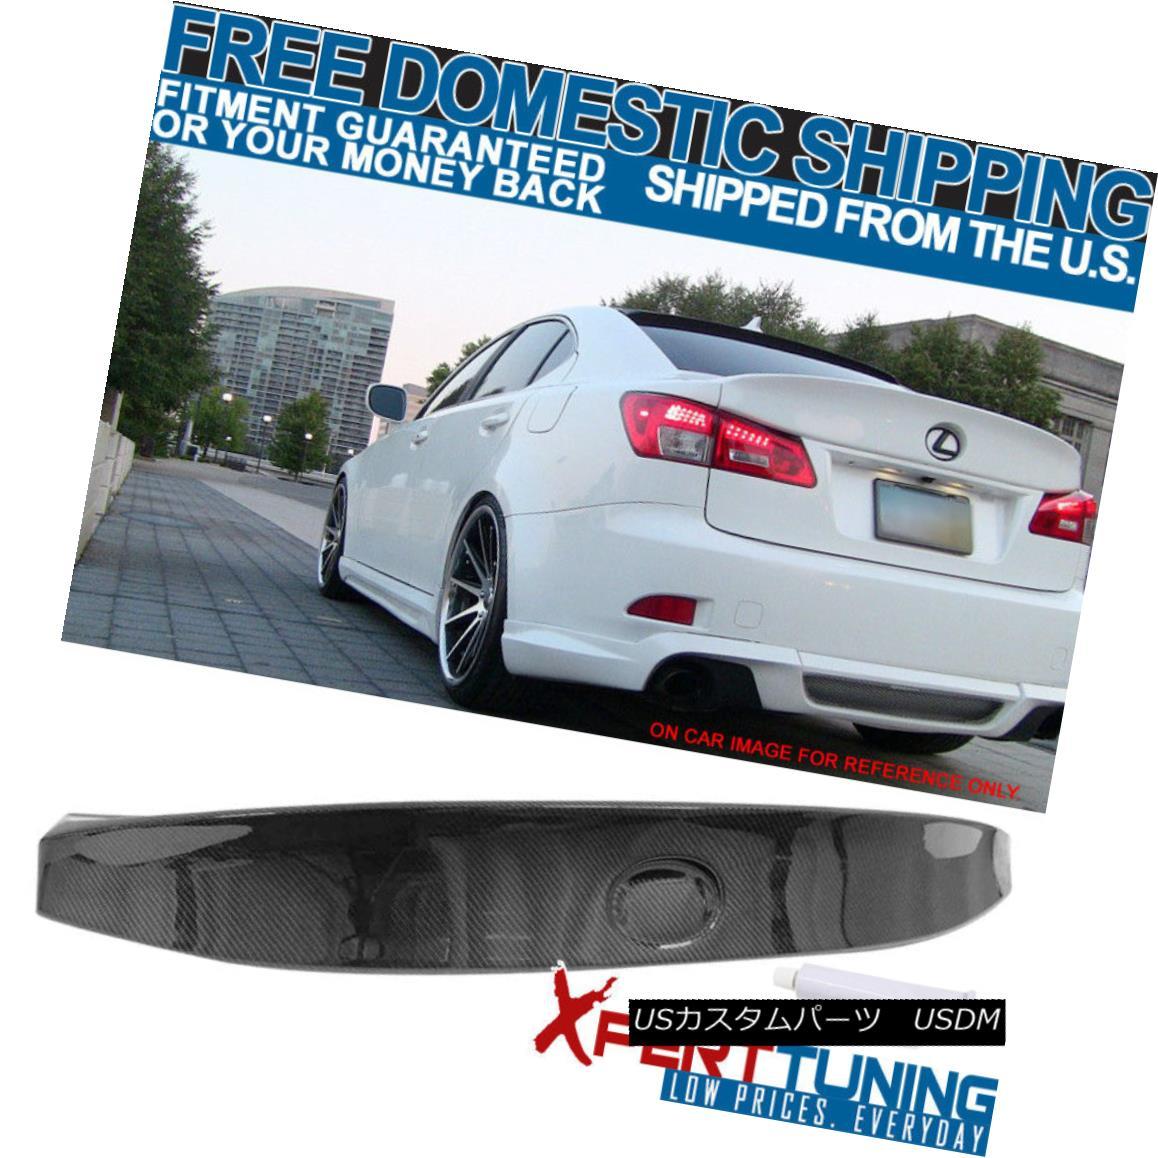 エアロパーツ Fit 06-13 Lexus IS250 IS350 Sedan WD Style CF Carbon Fiber Rear Trunk Spoiler フィット06-13レクサスIS250 IS350セダンWDスタイルCFカーボンファイバーリアトランク・スポイラー